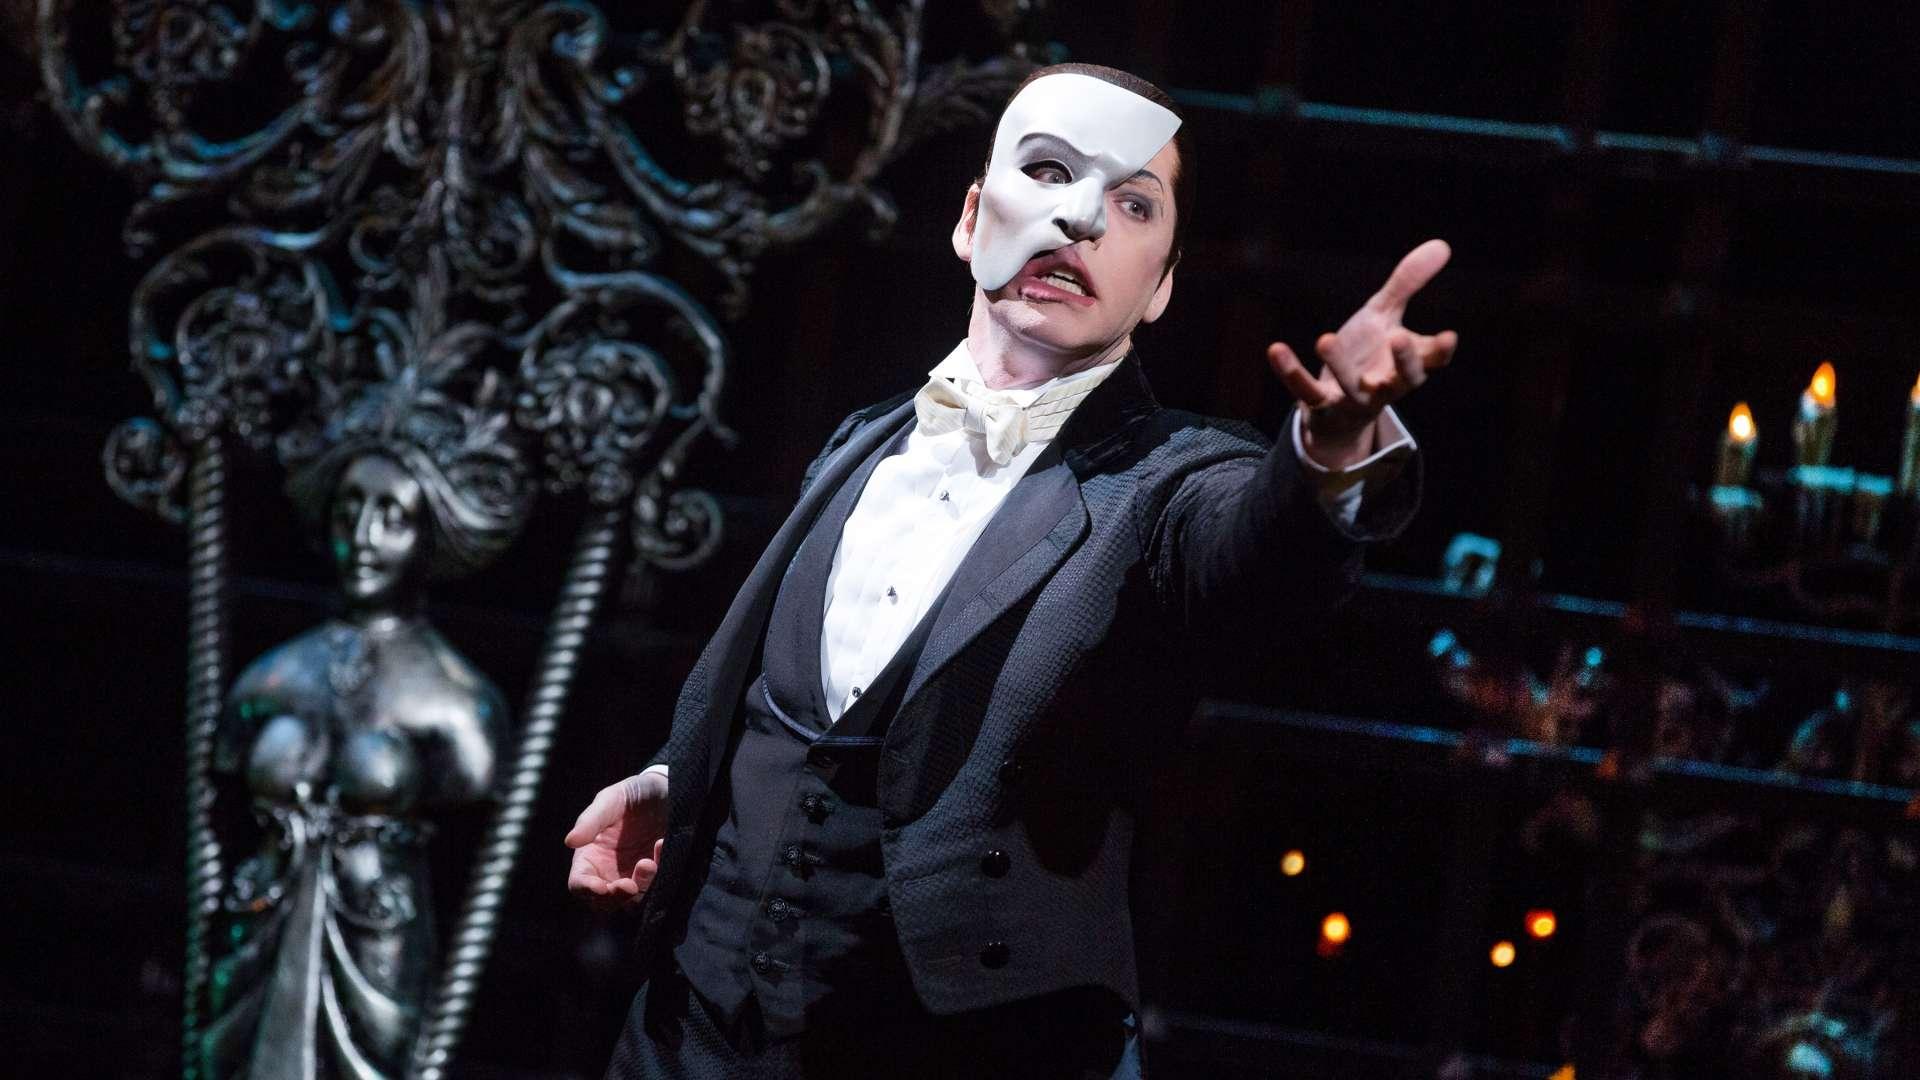 La comédie musicale du Fantôme de l'opéra à Londres